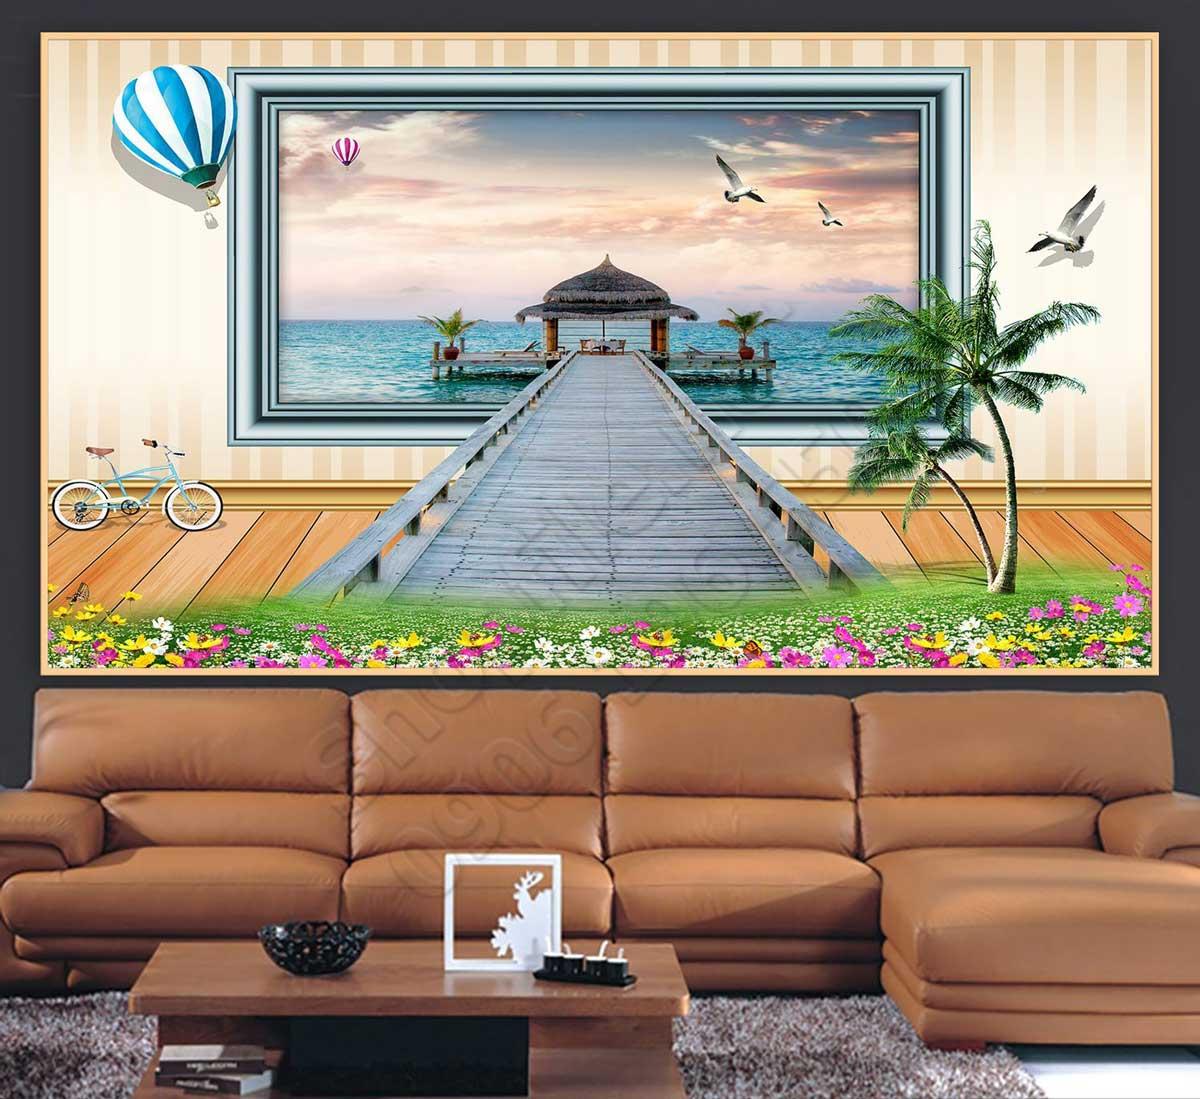 Tranh 3D Cửa Sổ Trang Trí Phòng Khách - NS1074